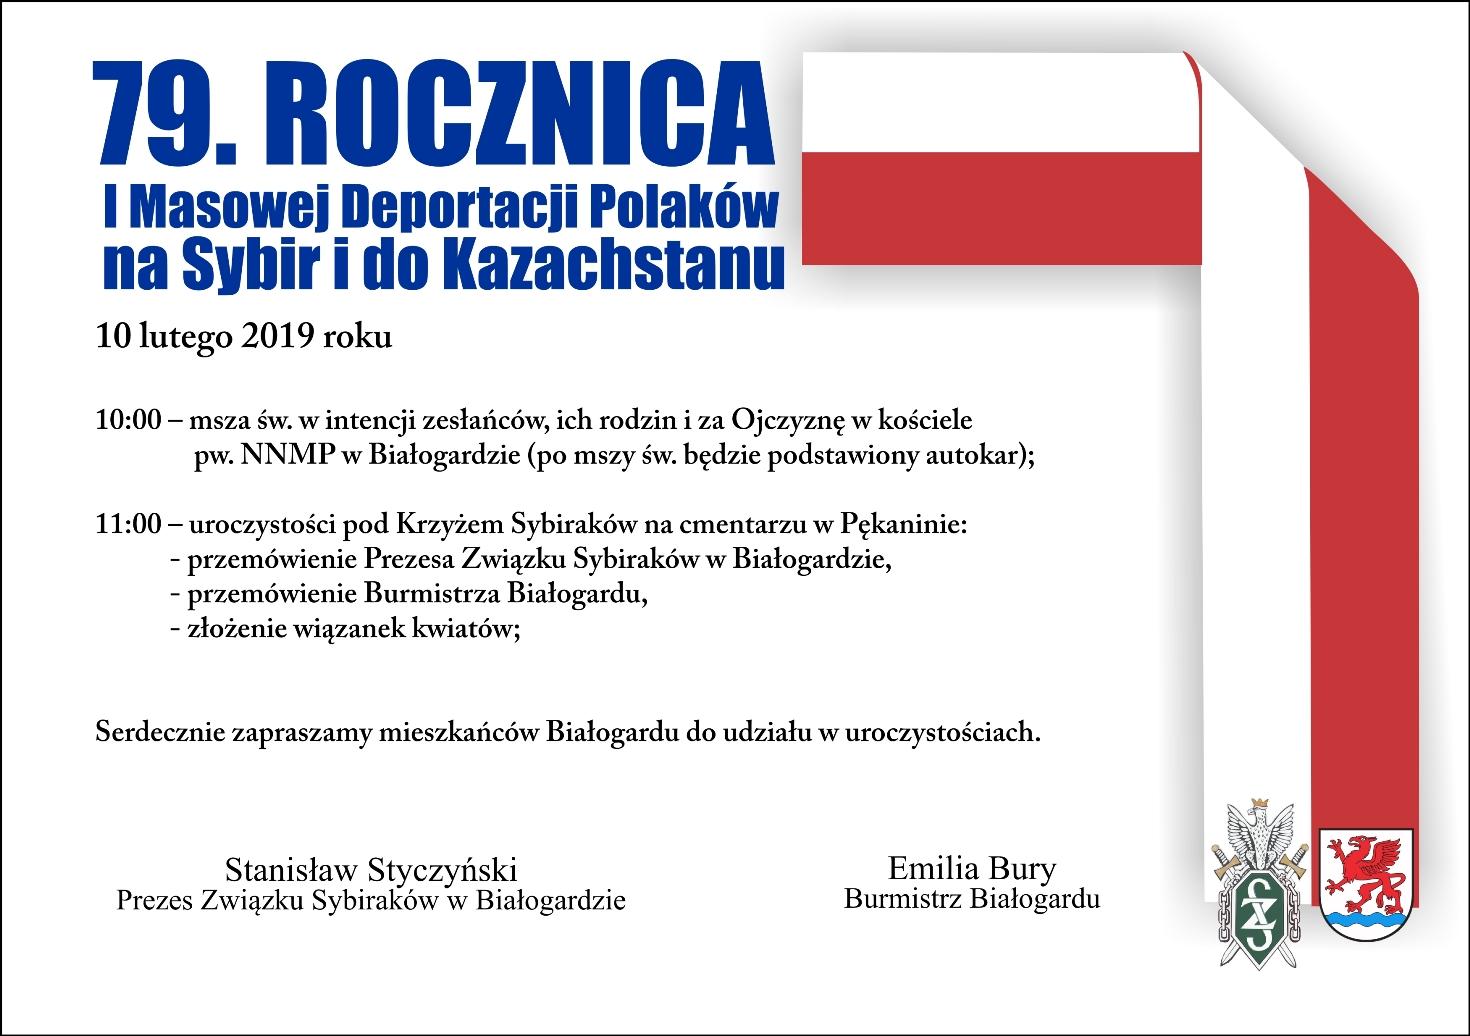 79. rocznica I Masowej Deportacji Polaków na Sybir i do Kazachstanu, Miasto Białogard